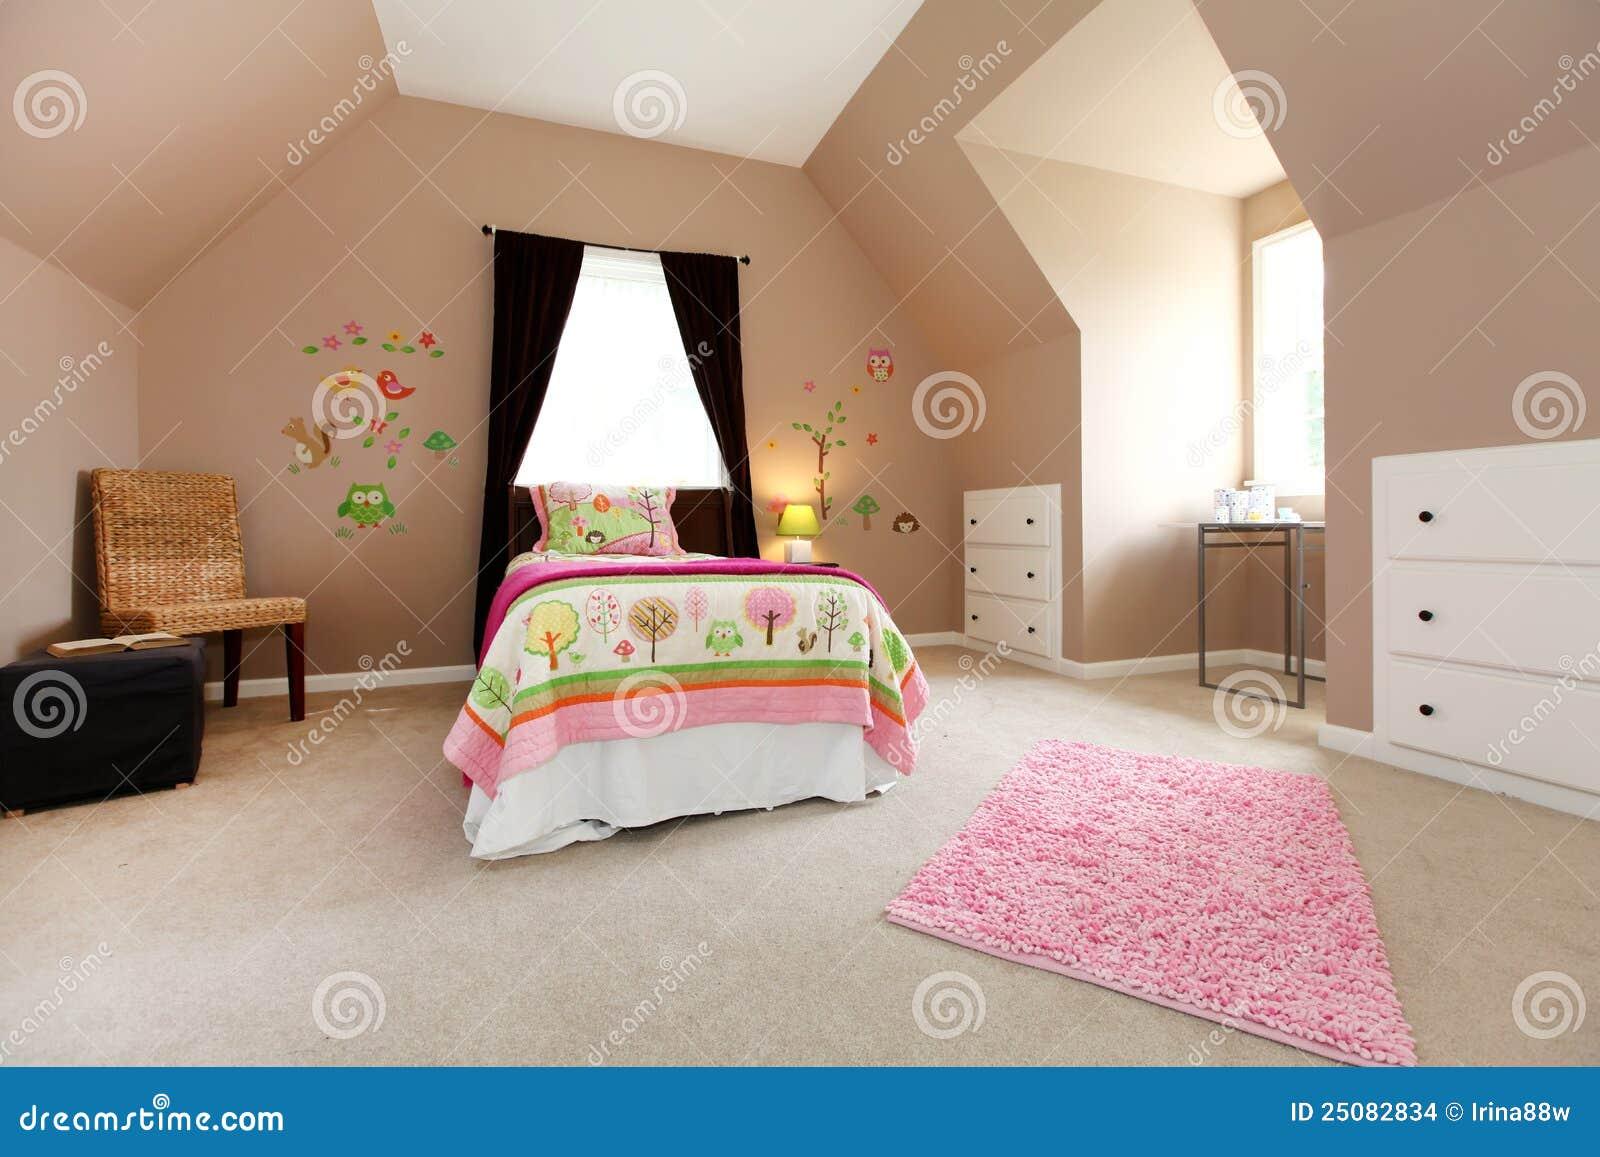 Soffitto alto illuminazione come aggiustare l altezza del for Camera da letto del soffitto della cattedrale